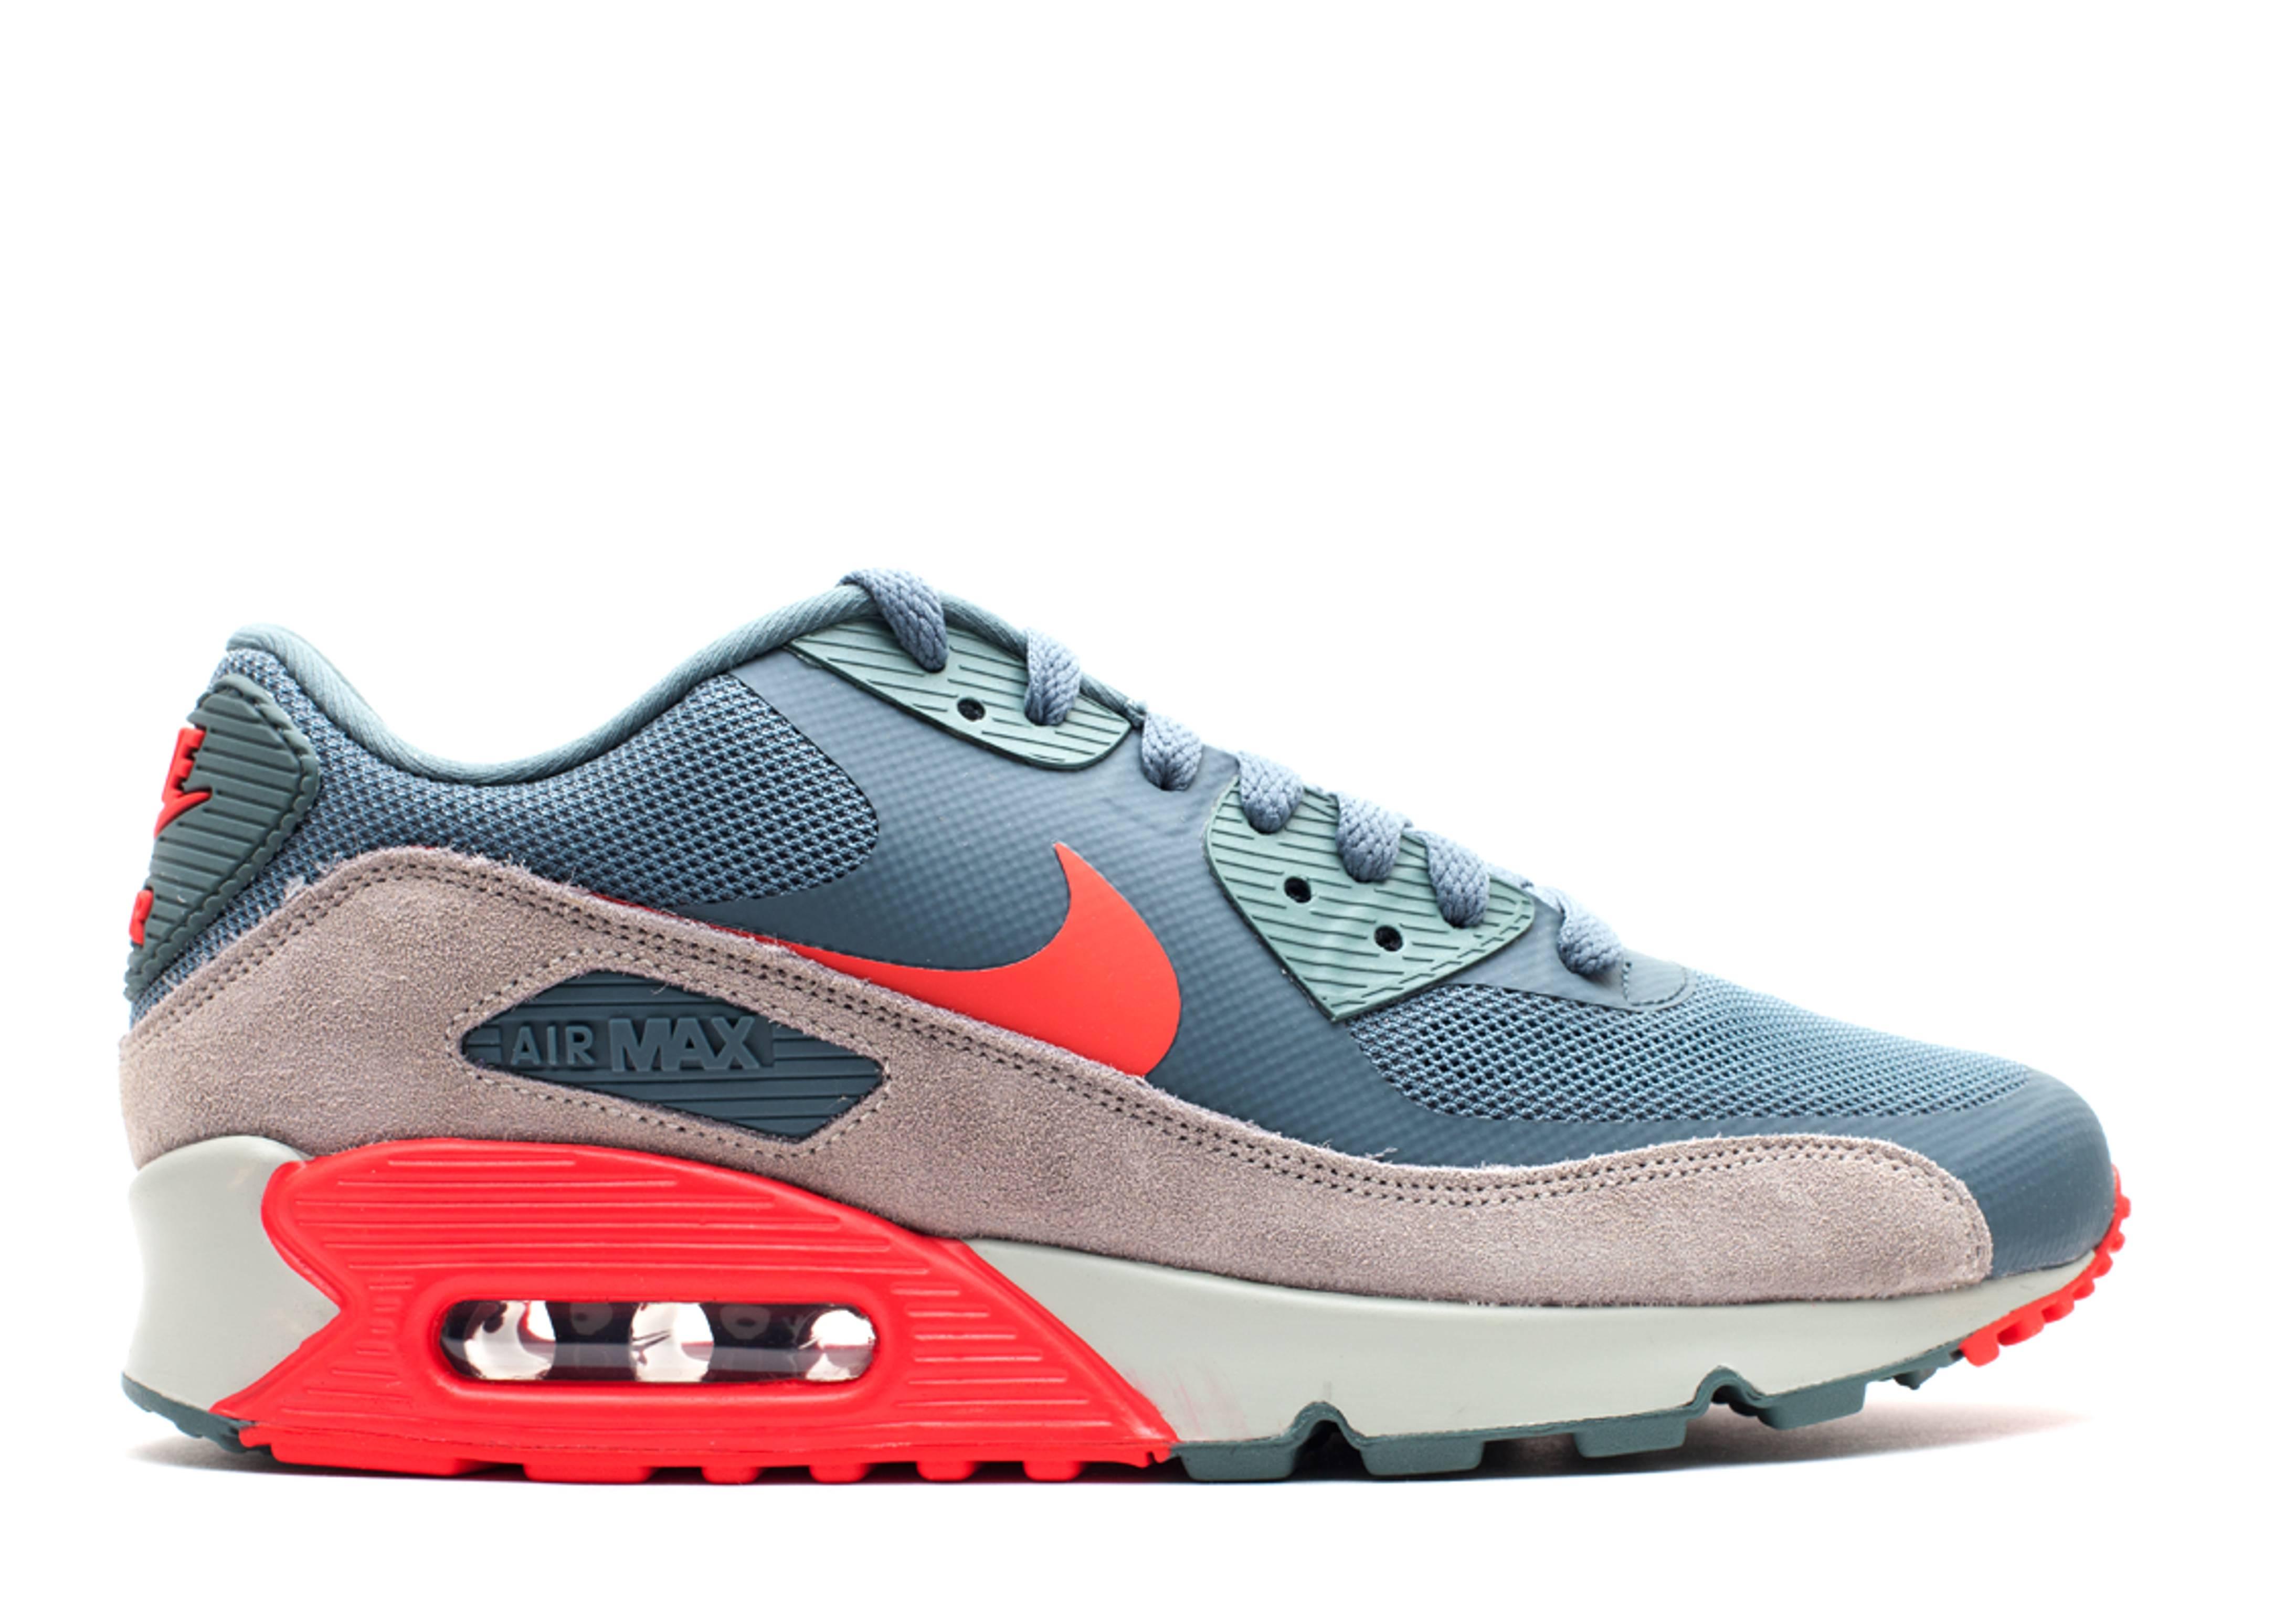 Nike Air Max 90 Hyperfuse Hasta Sunburst